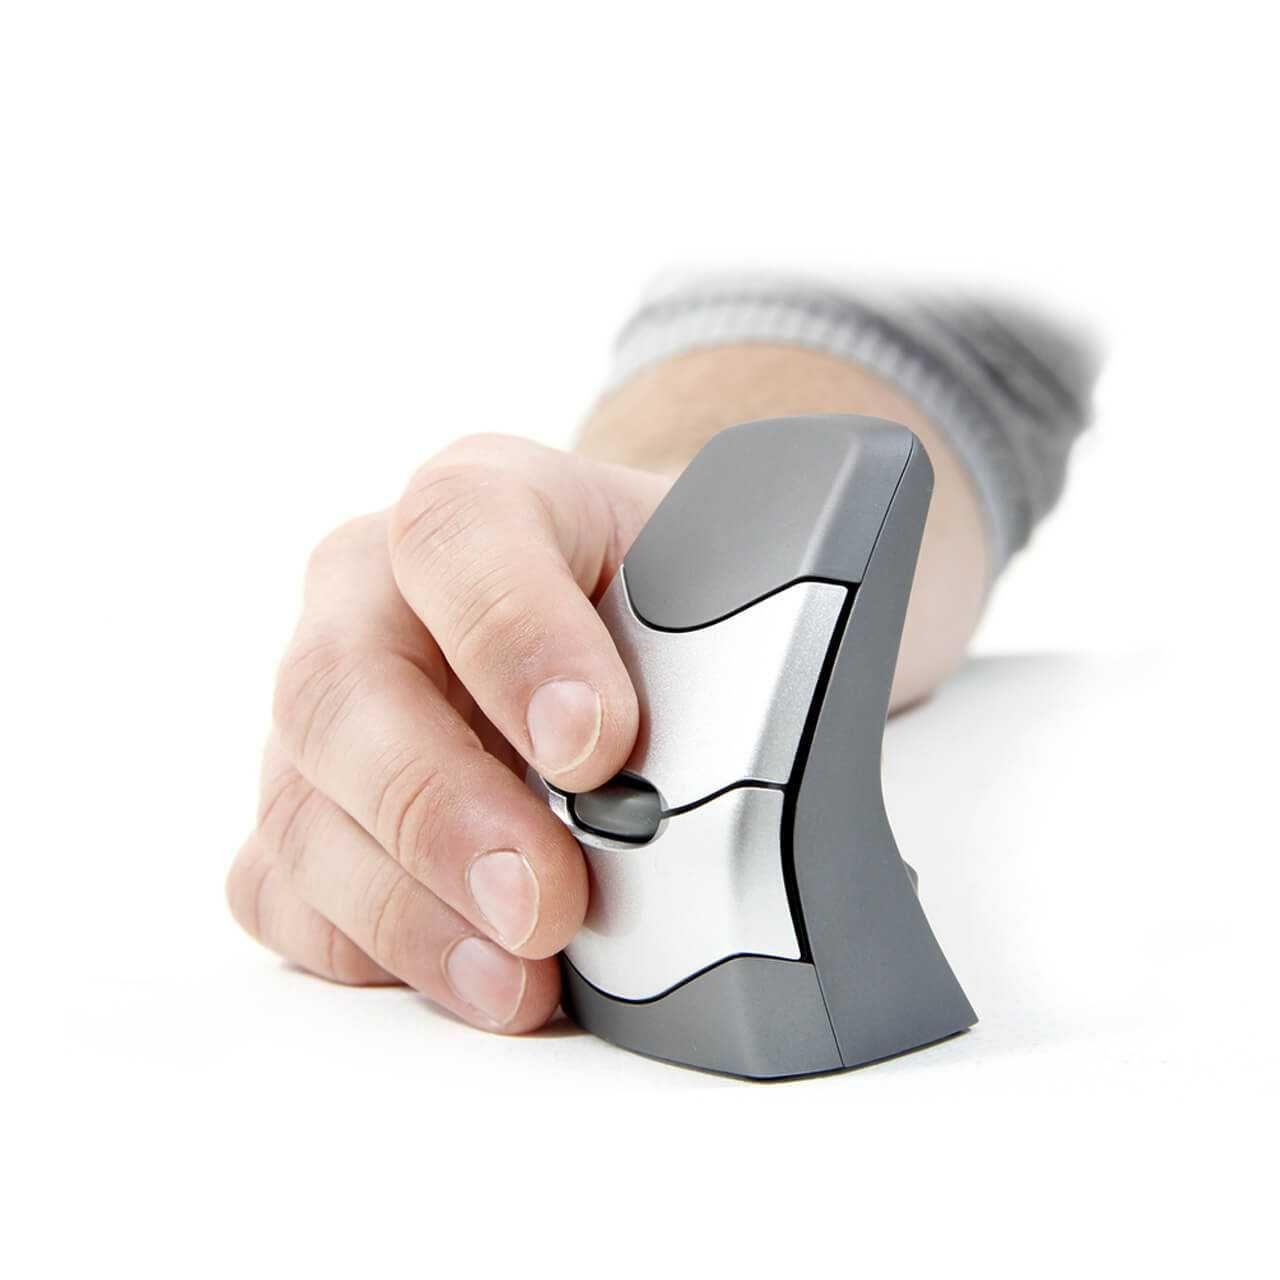 DXT verticale muis draadloos schuin in hand